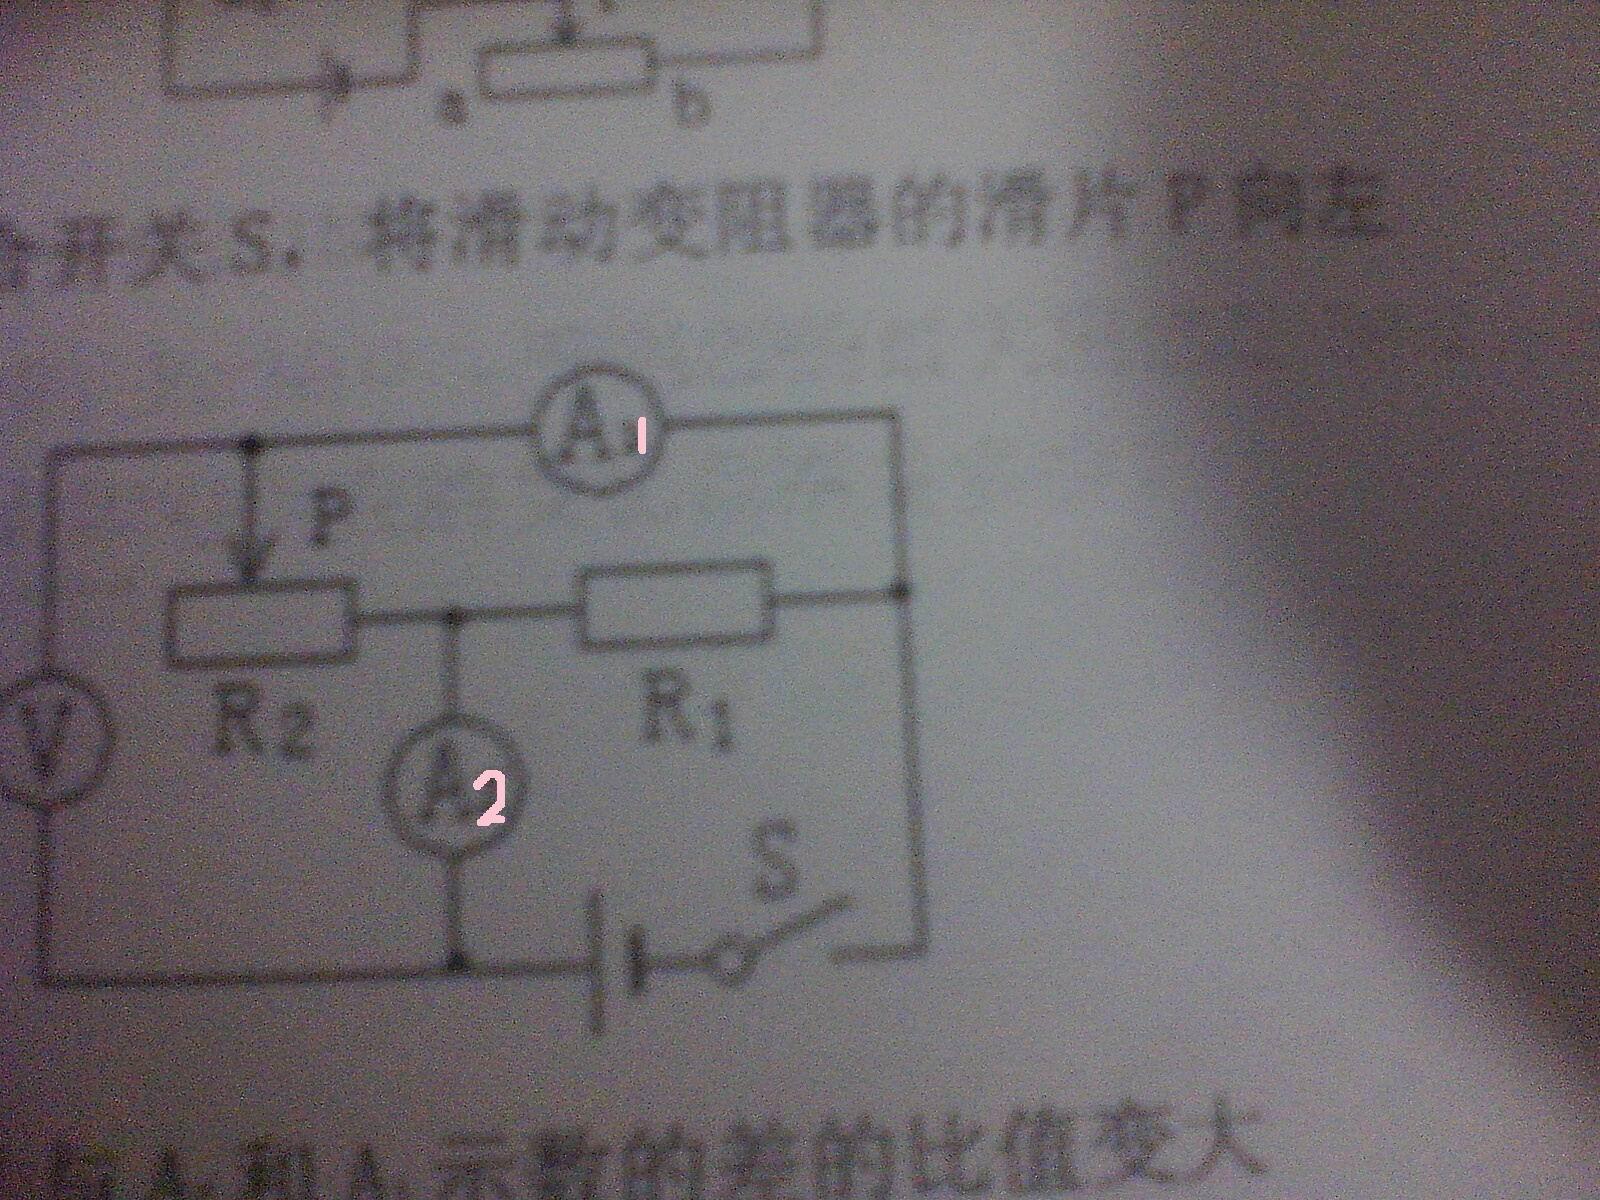 ...开关S,将滑片变阻器的滑片P向左移动,下列说法正确的是 多选